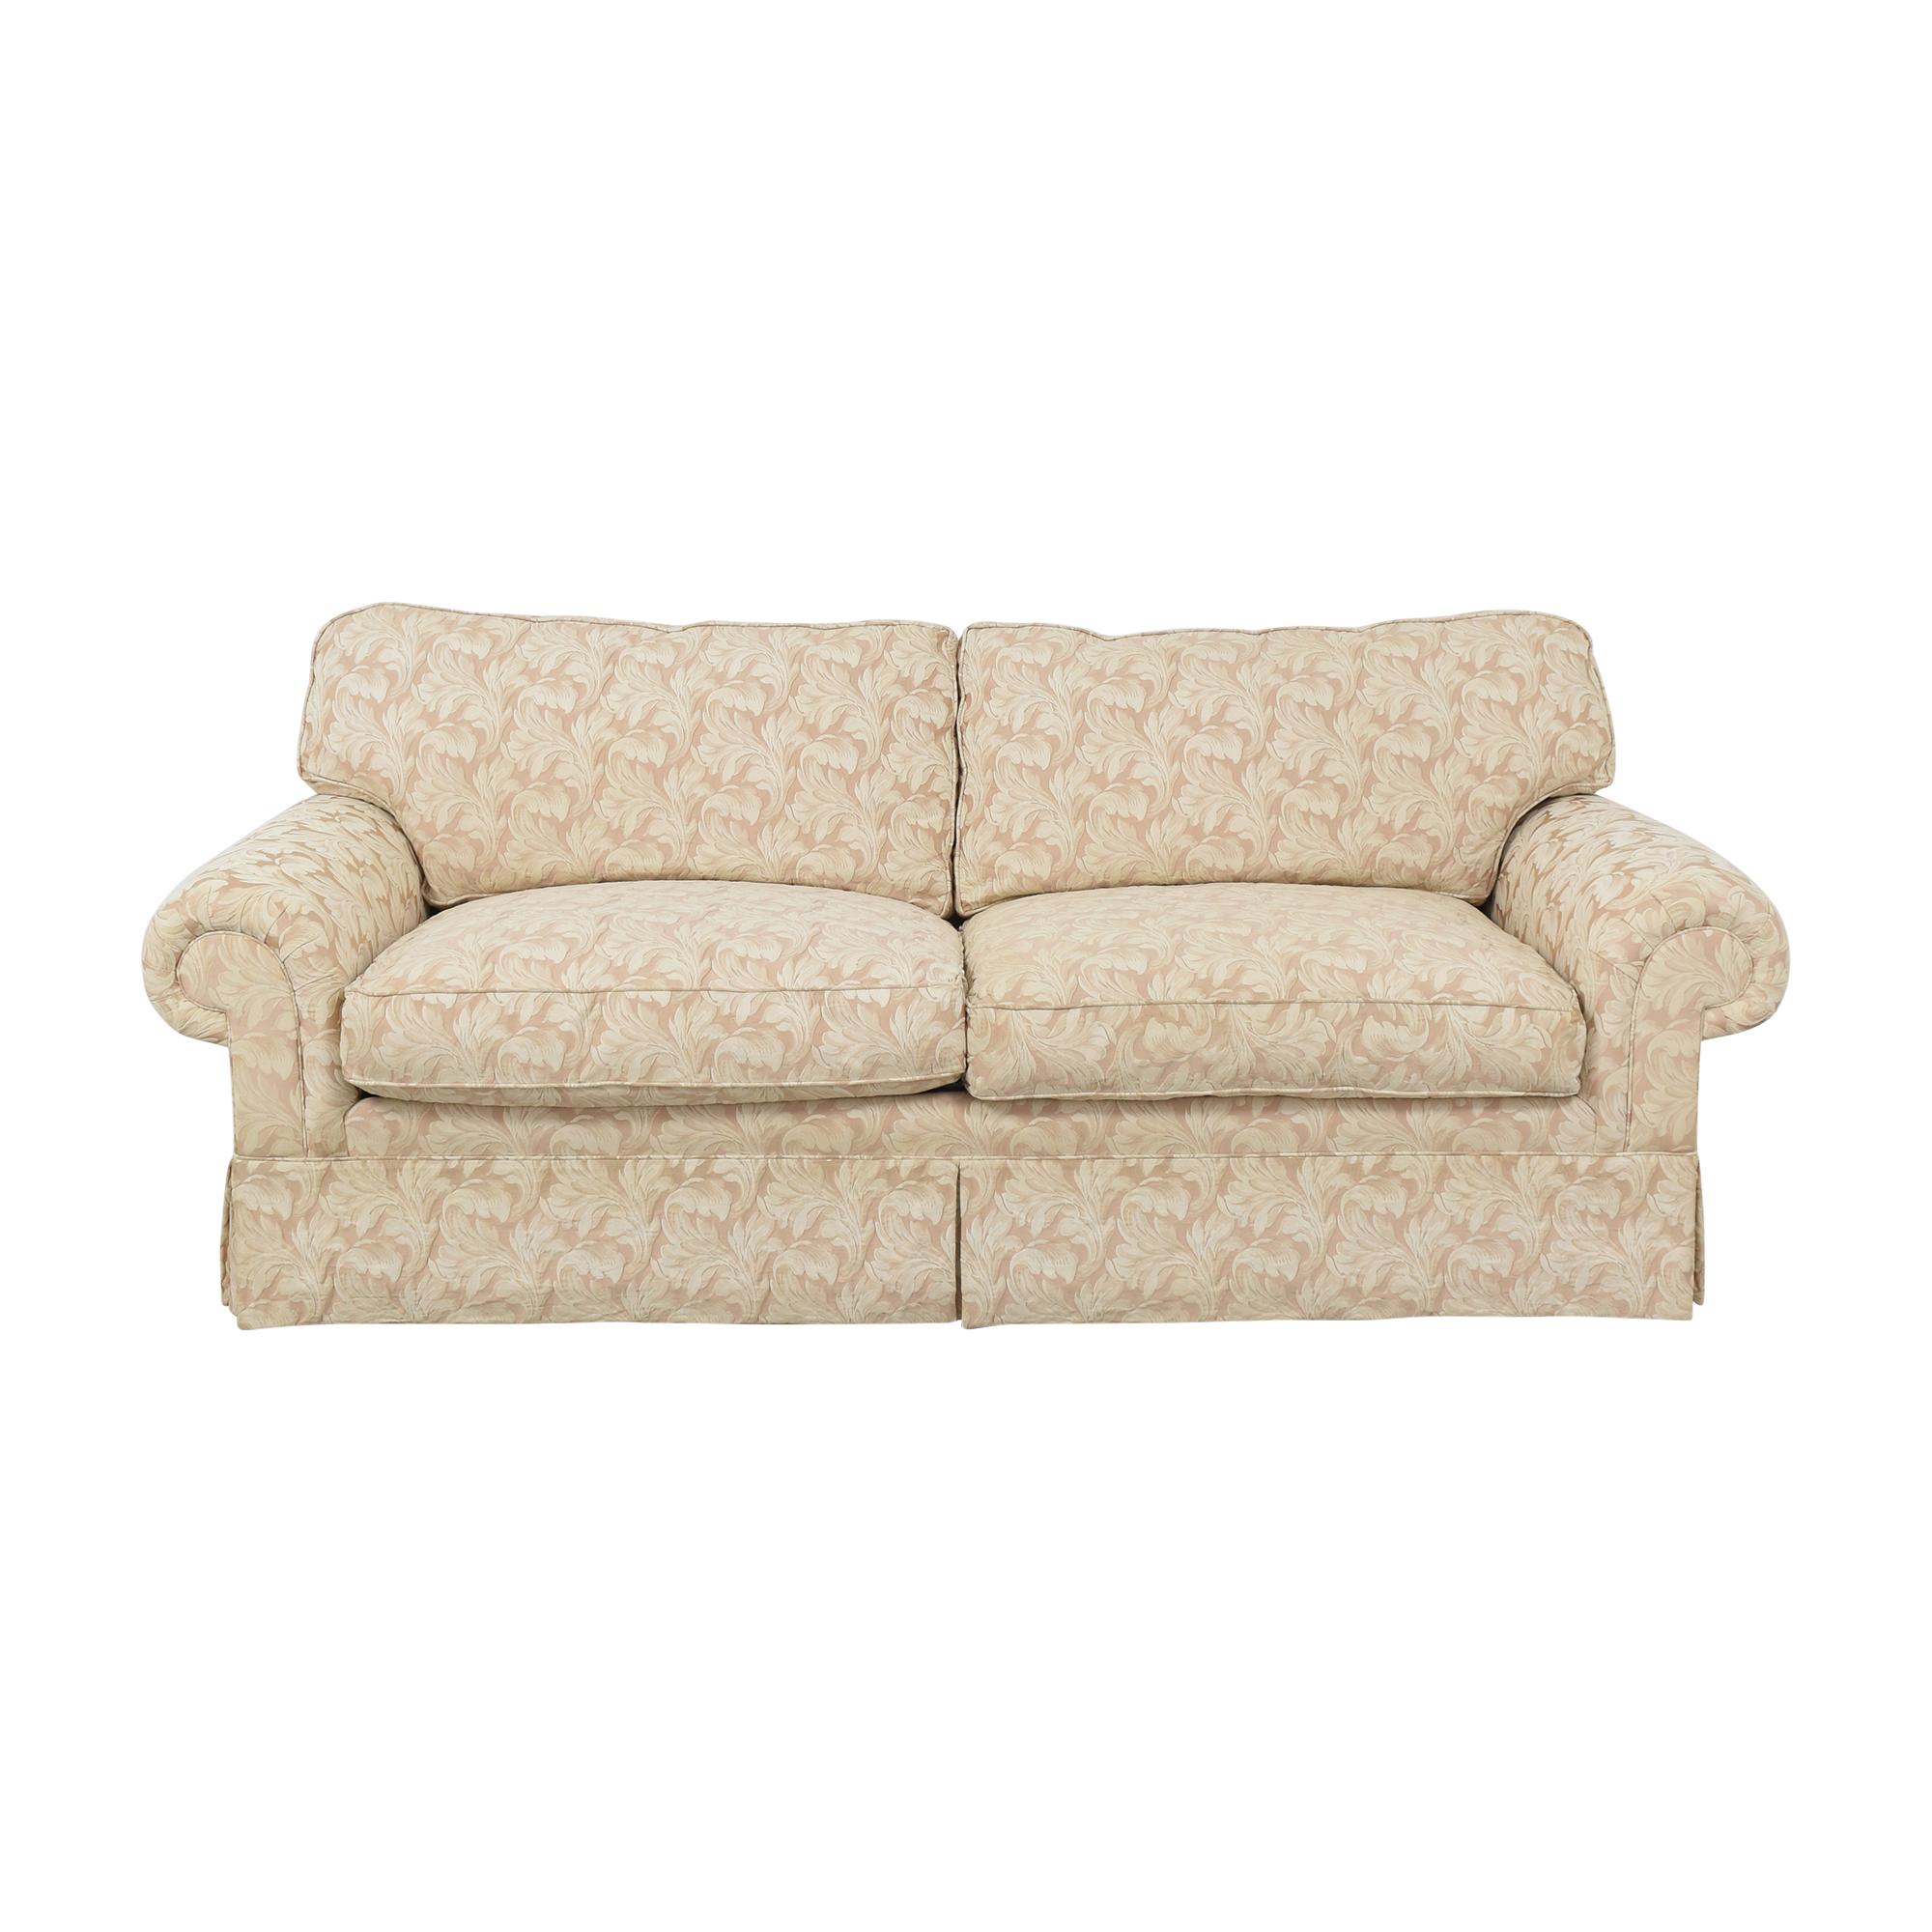 Vanguard Furniture Vanguard Furniture Two Cushion Skirted Sofa coupon